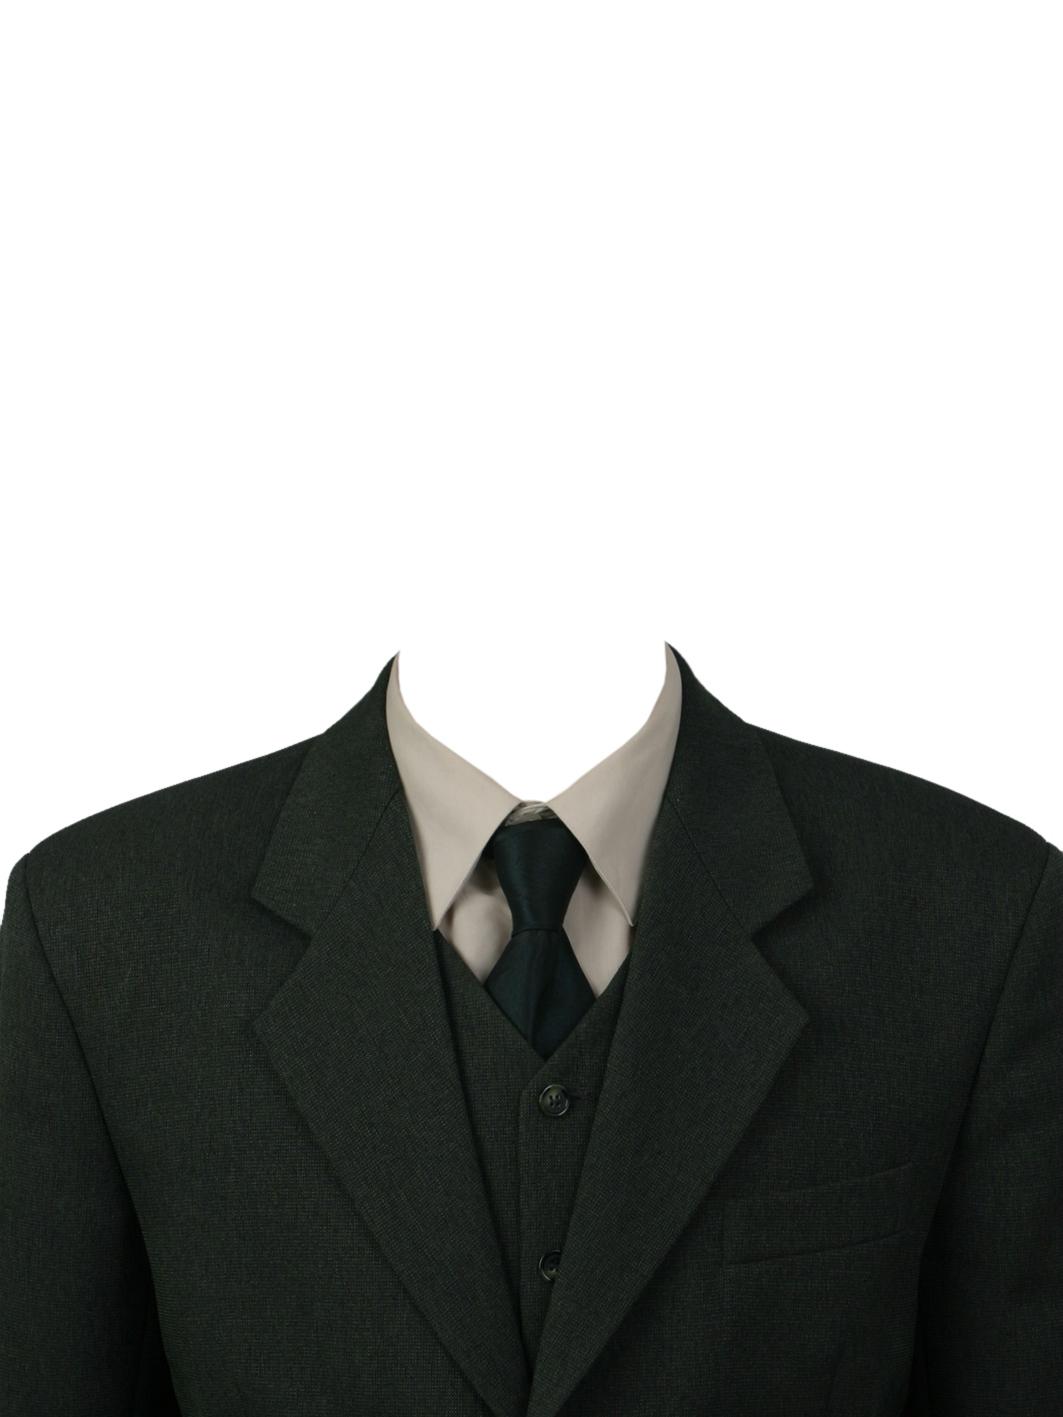 Одежда для фотошопа фотошопа в форма